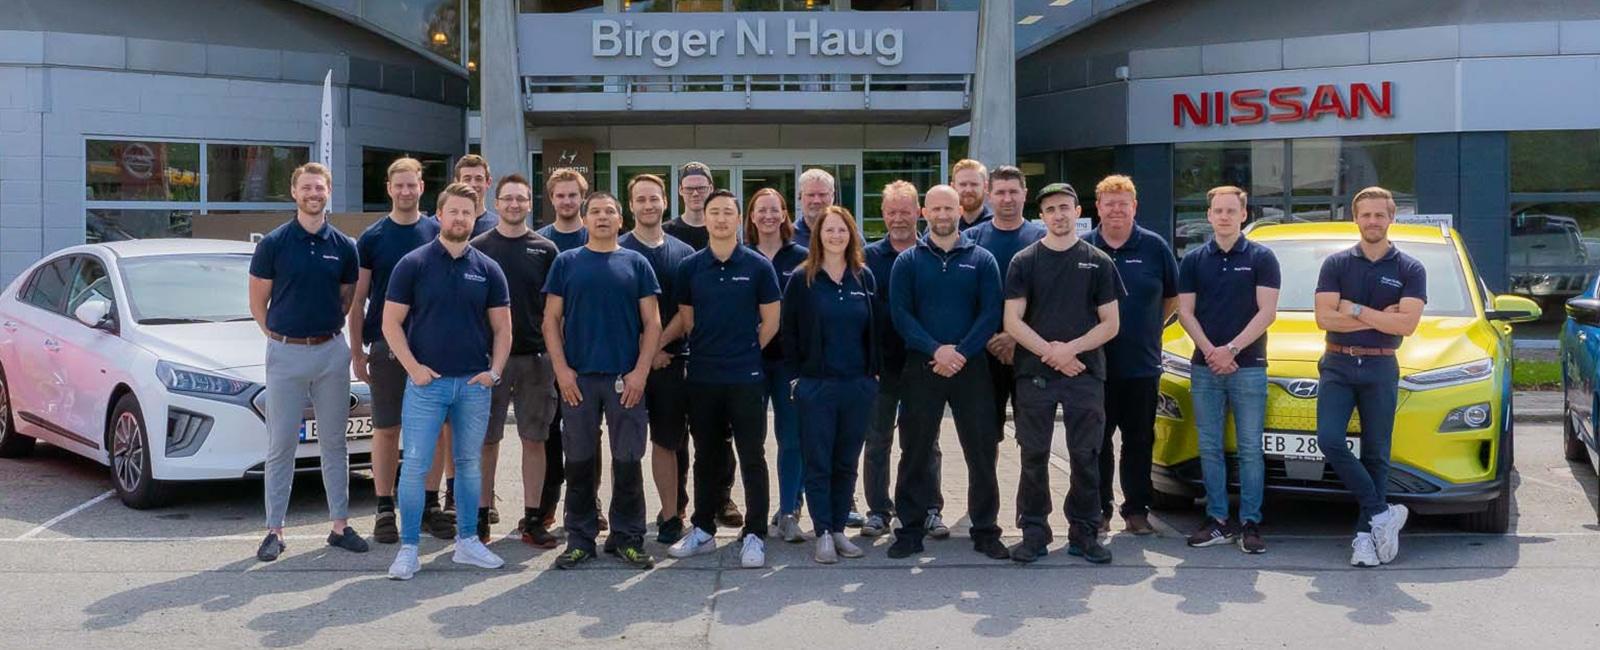 Ansatte Birger N. Haug Drammen